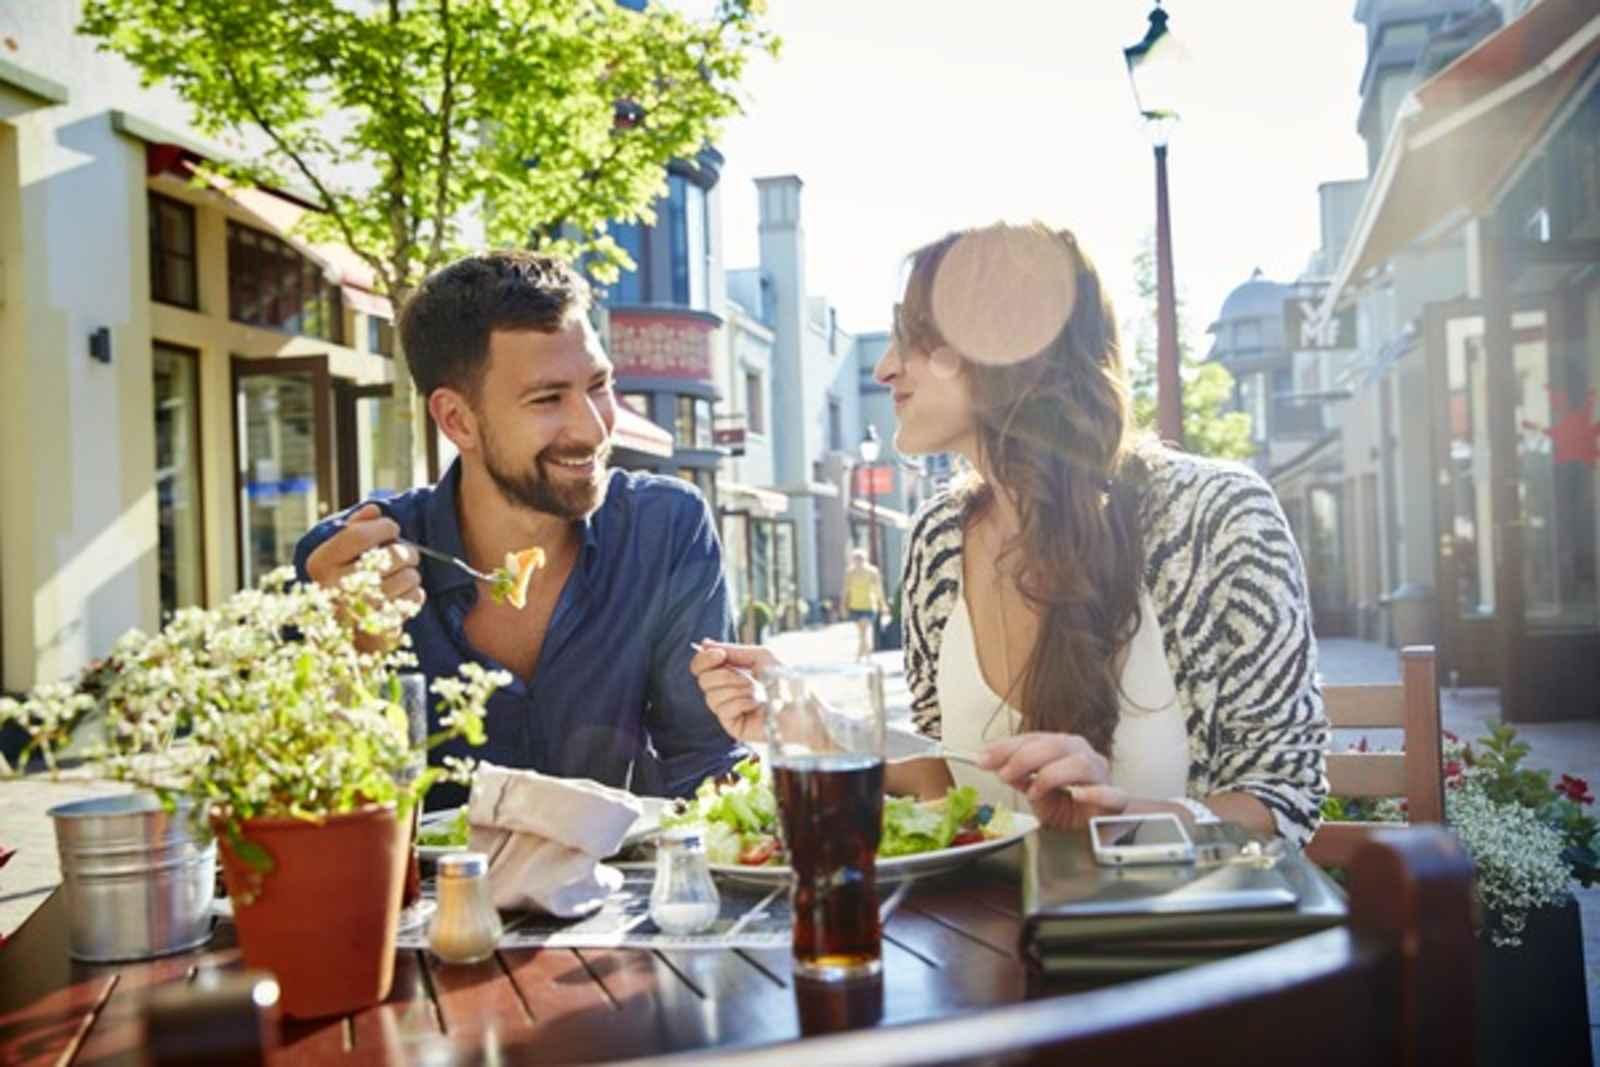 Особенности шоппинга во Франкфурте-на-Майне: как сэкономить и получить удовольствие от процесса